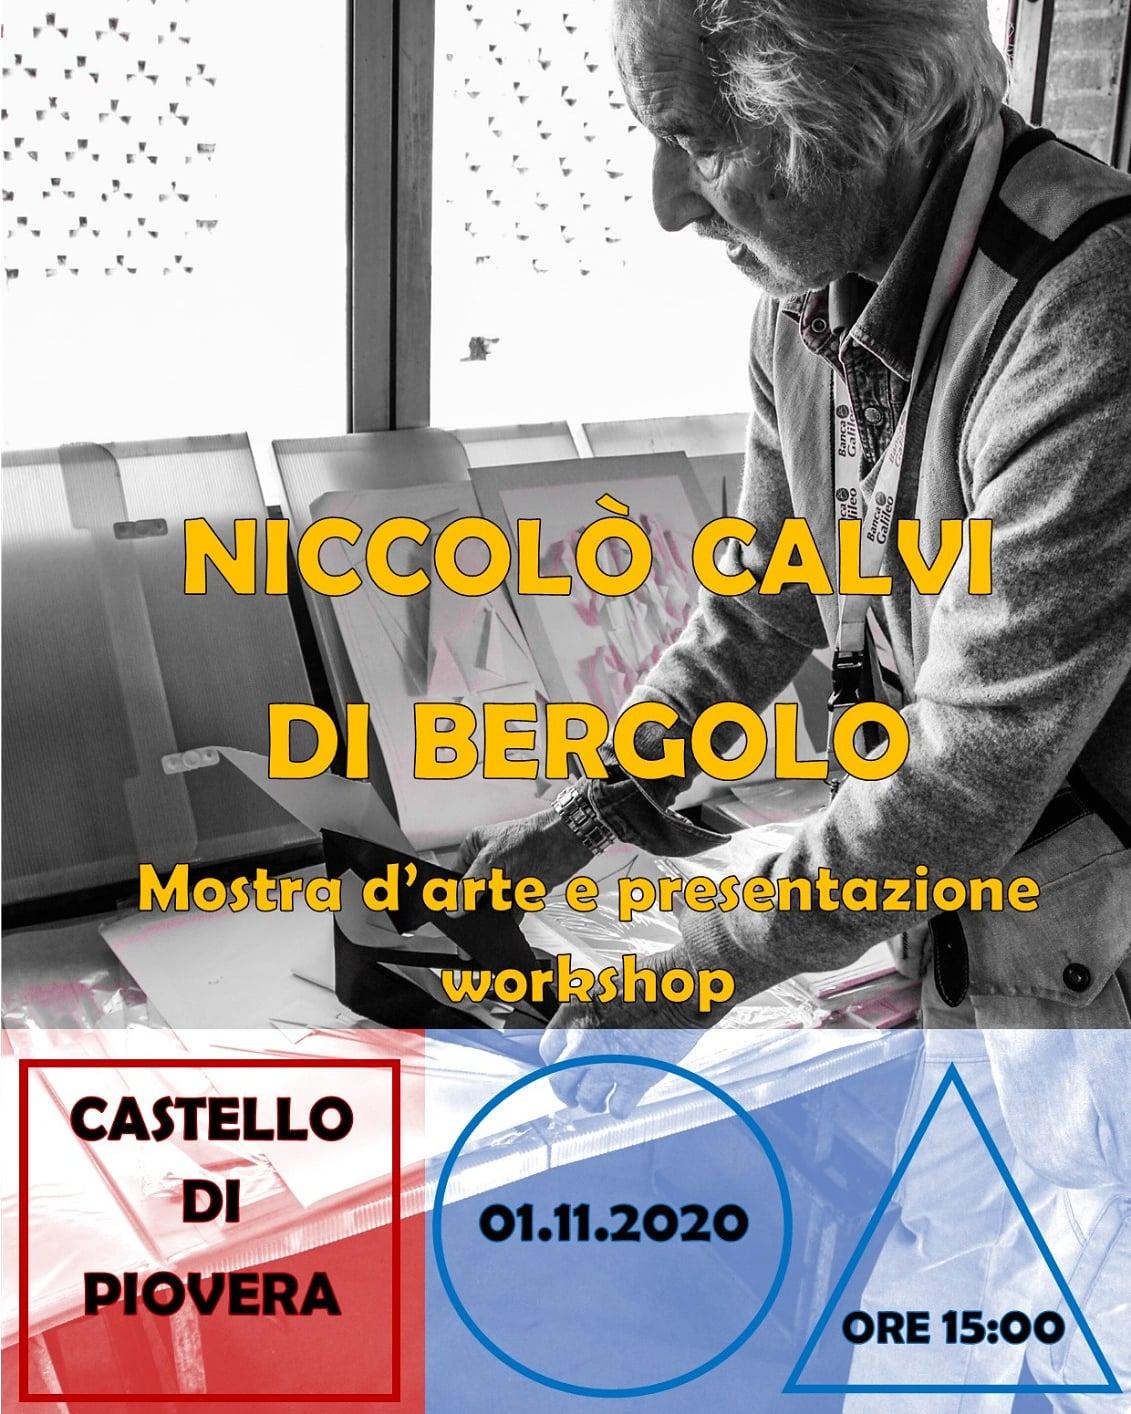 Mostra d'arte e presentazione workshop di Niccolò Calvi di Bergolo